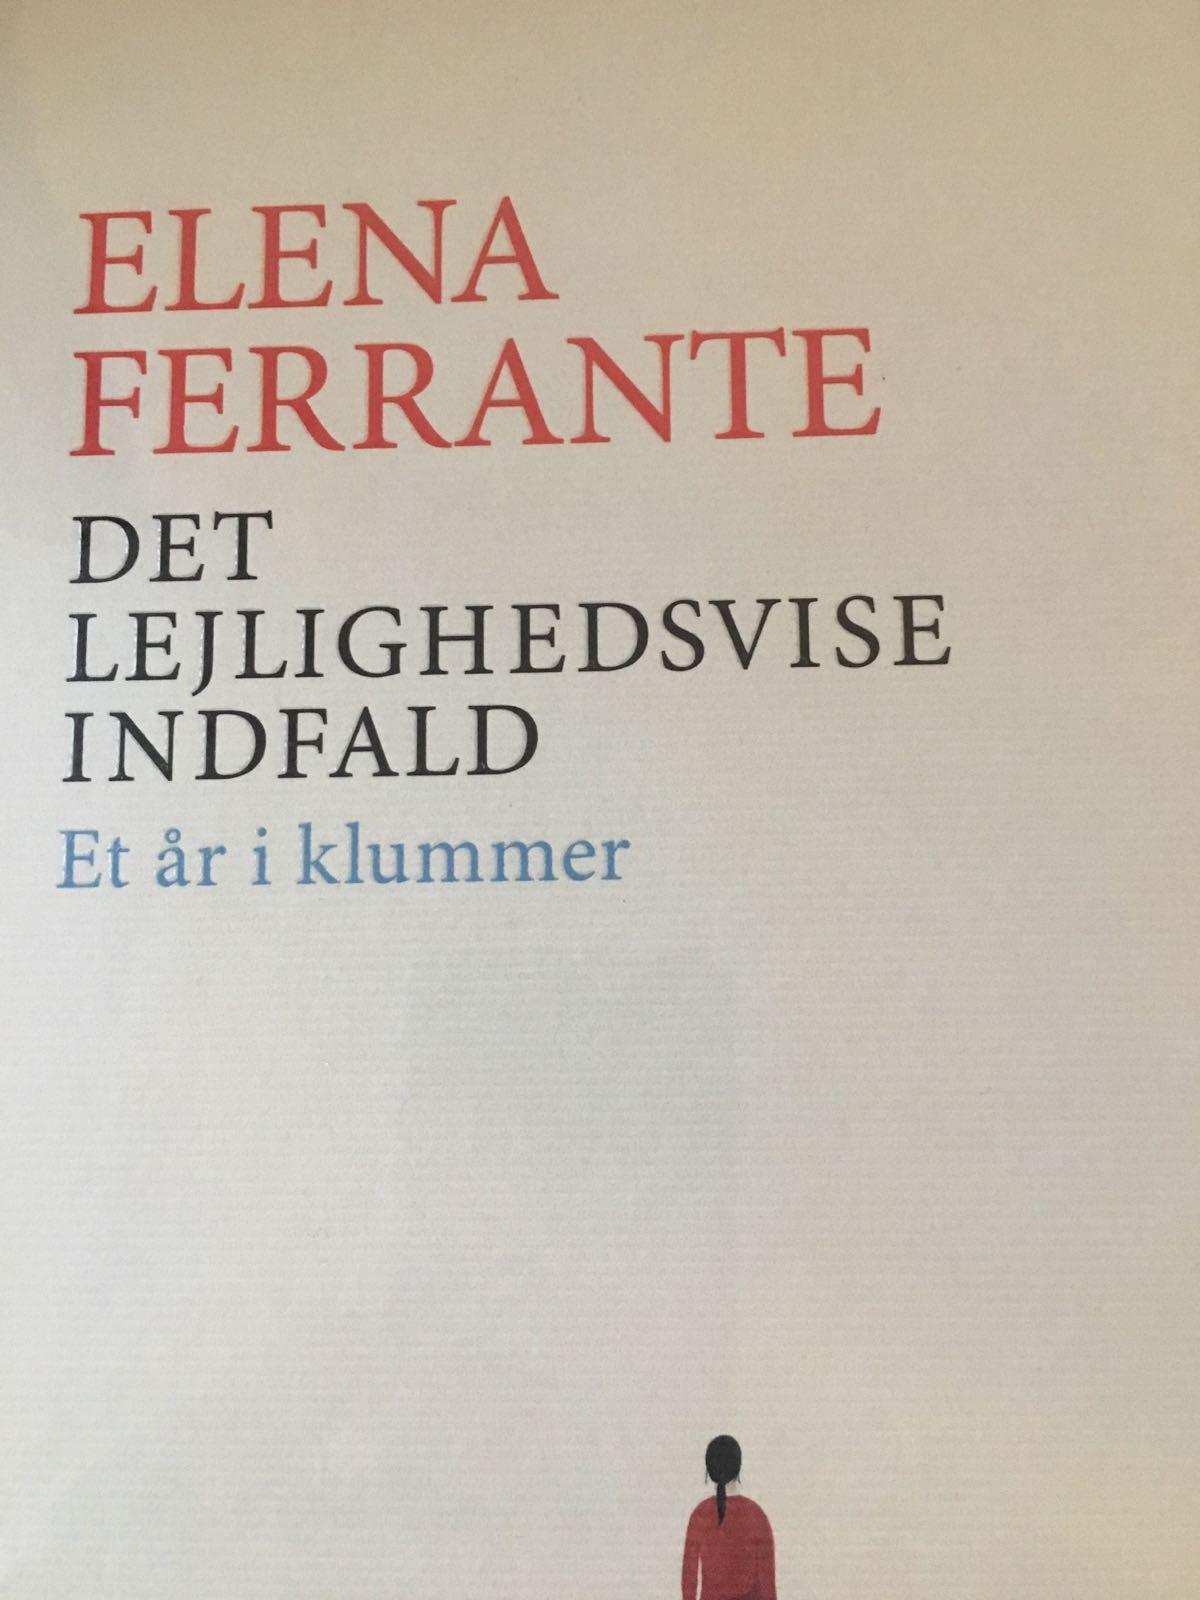 Det lejlighedsvise indfald. Et år i klummer af Elena Ferrante